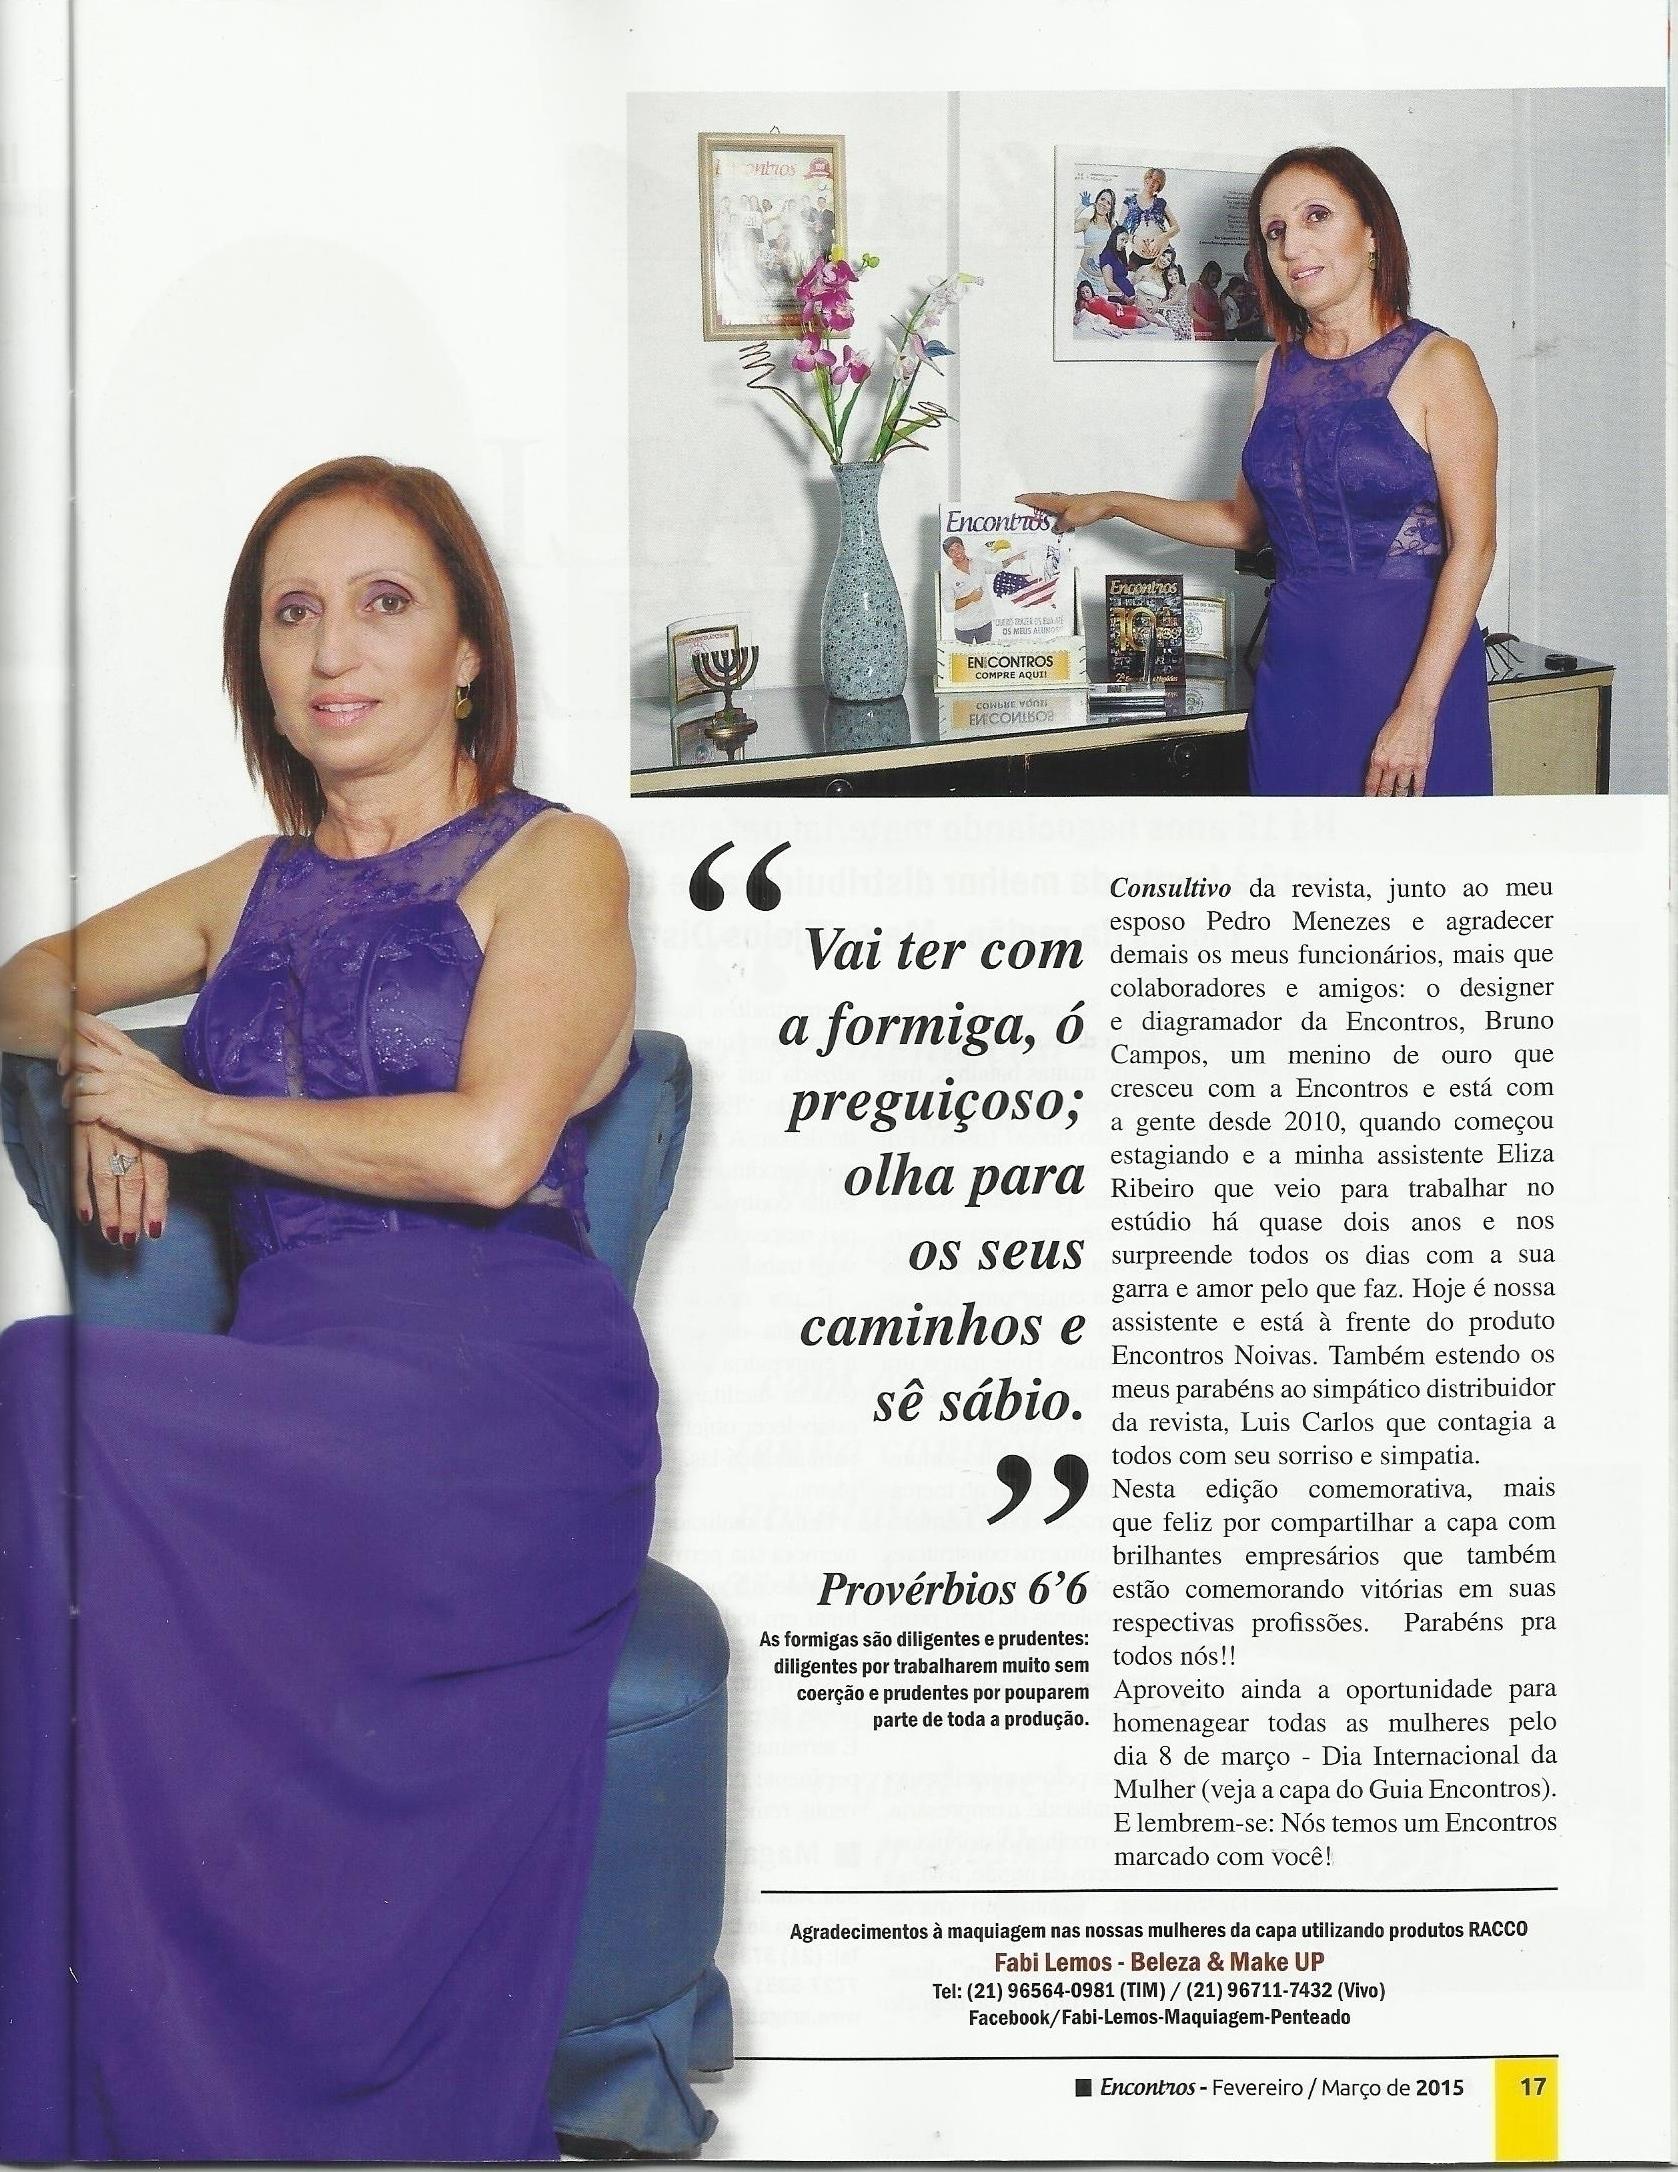 Trabalho Trabalho de maquiagem na Revista Encontros de Maricá. maquiador(a) docente / professor(a) designer de sobrancelhas manicure e pedicure esteticista